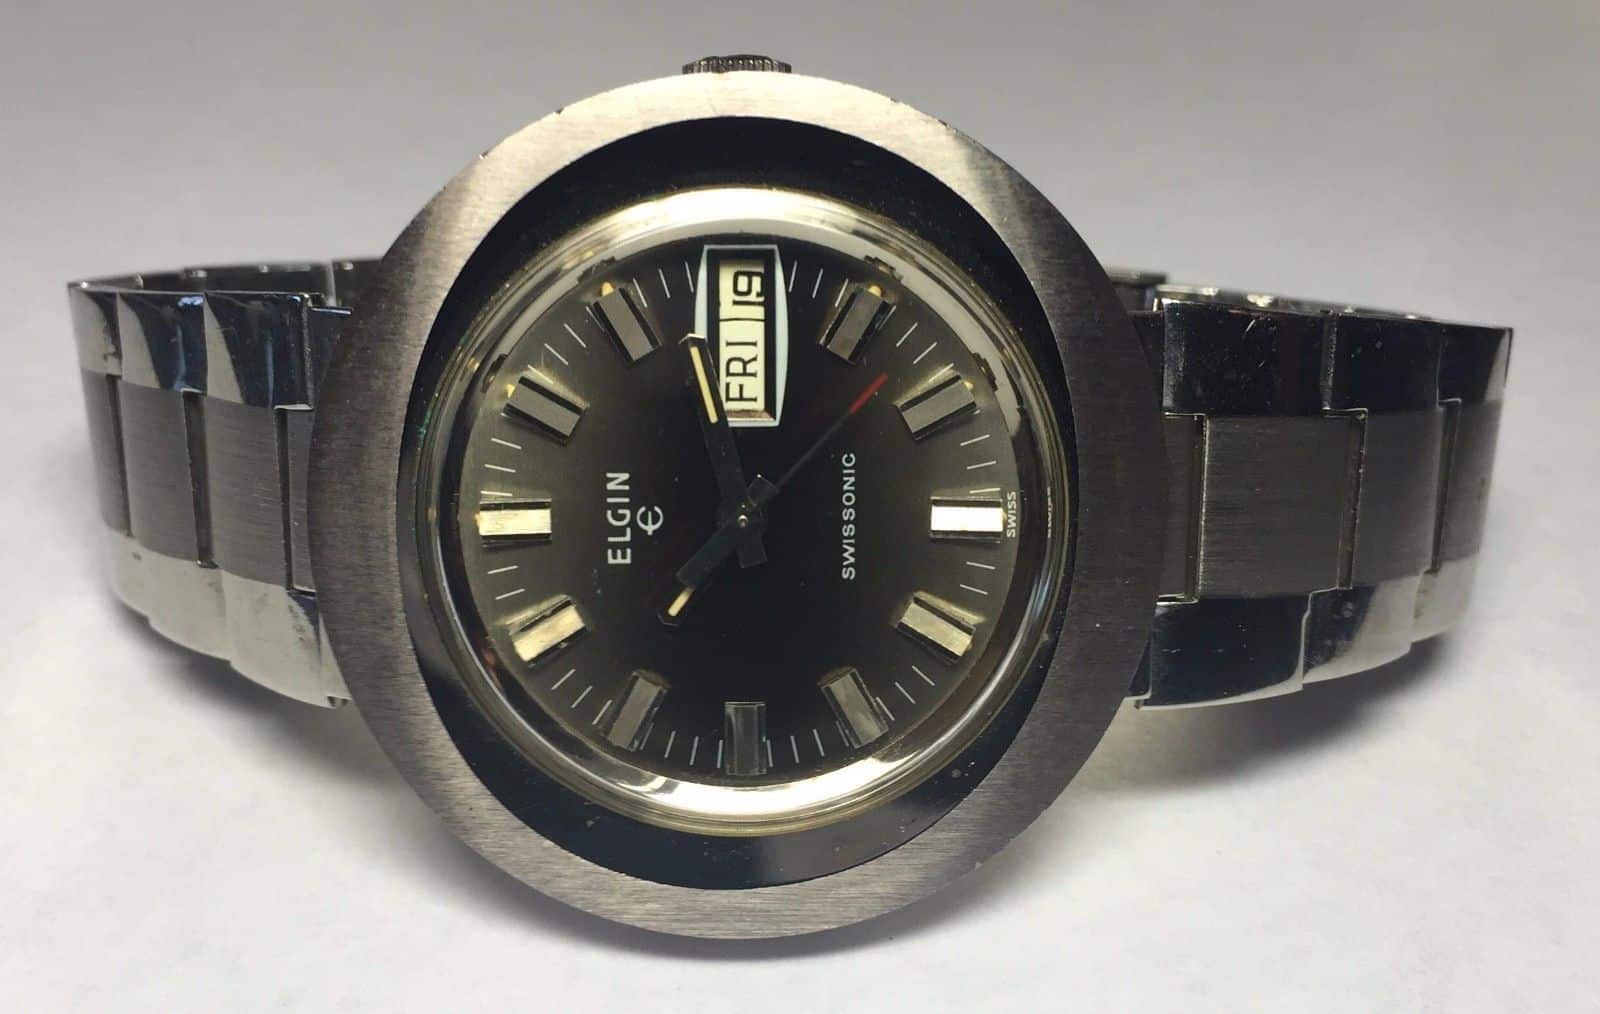 Swisssonic Vintage Uhr aus den 70er Jahren